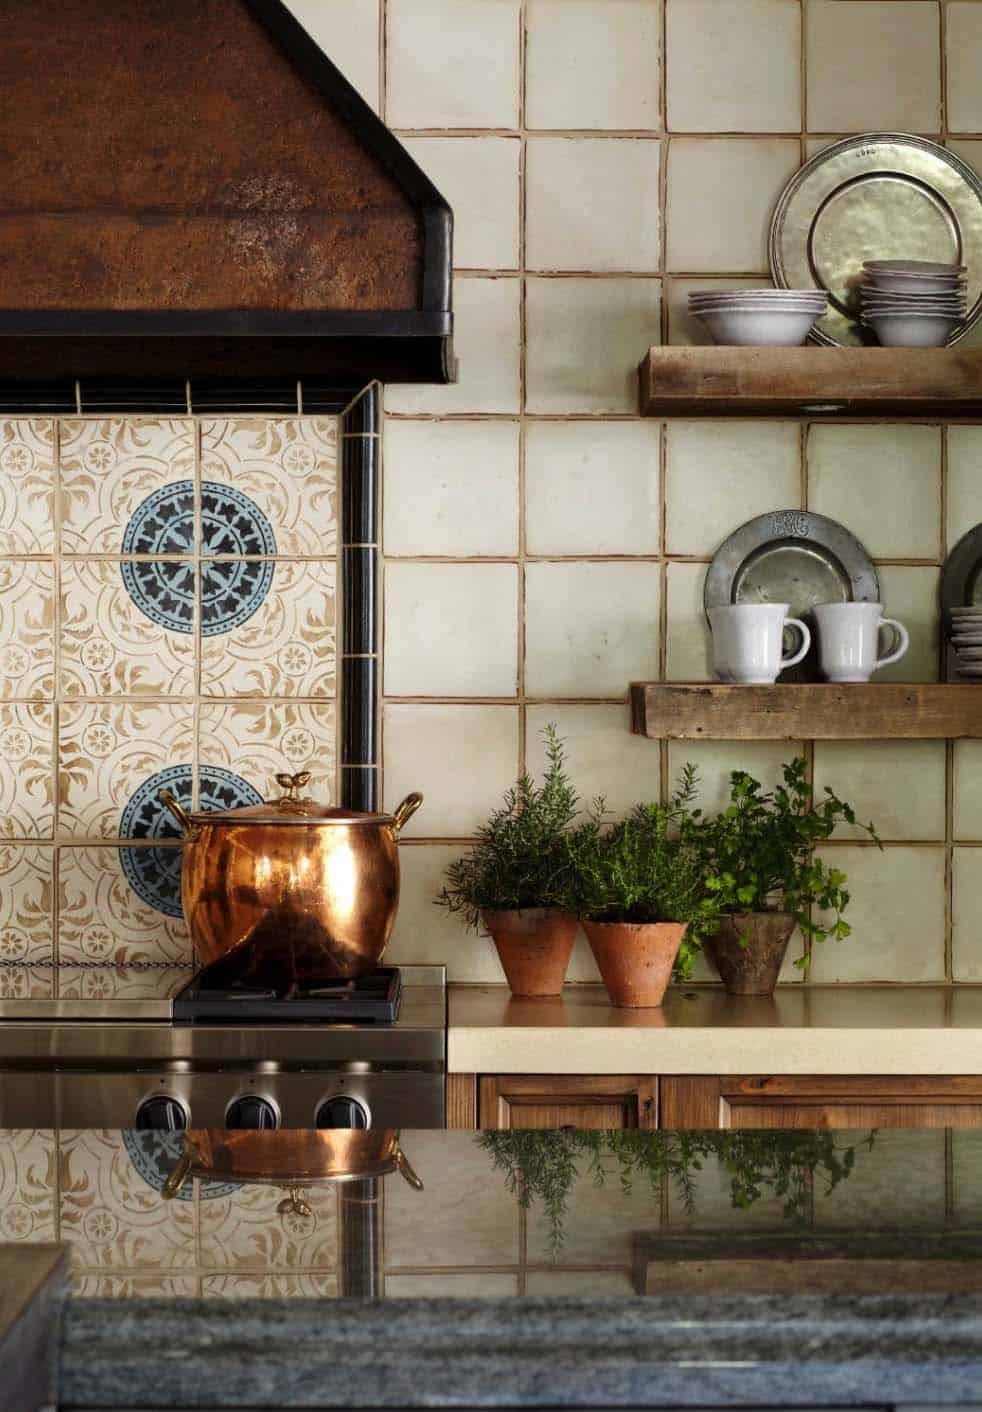 mediterranean-style-home-kitchen